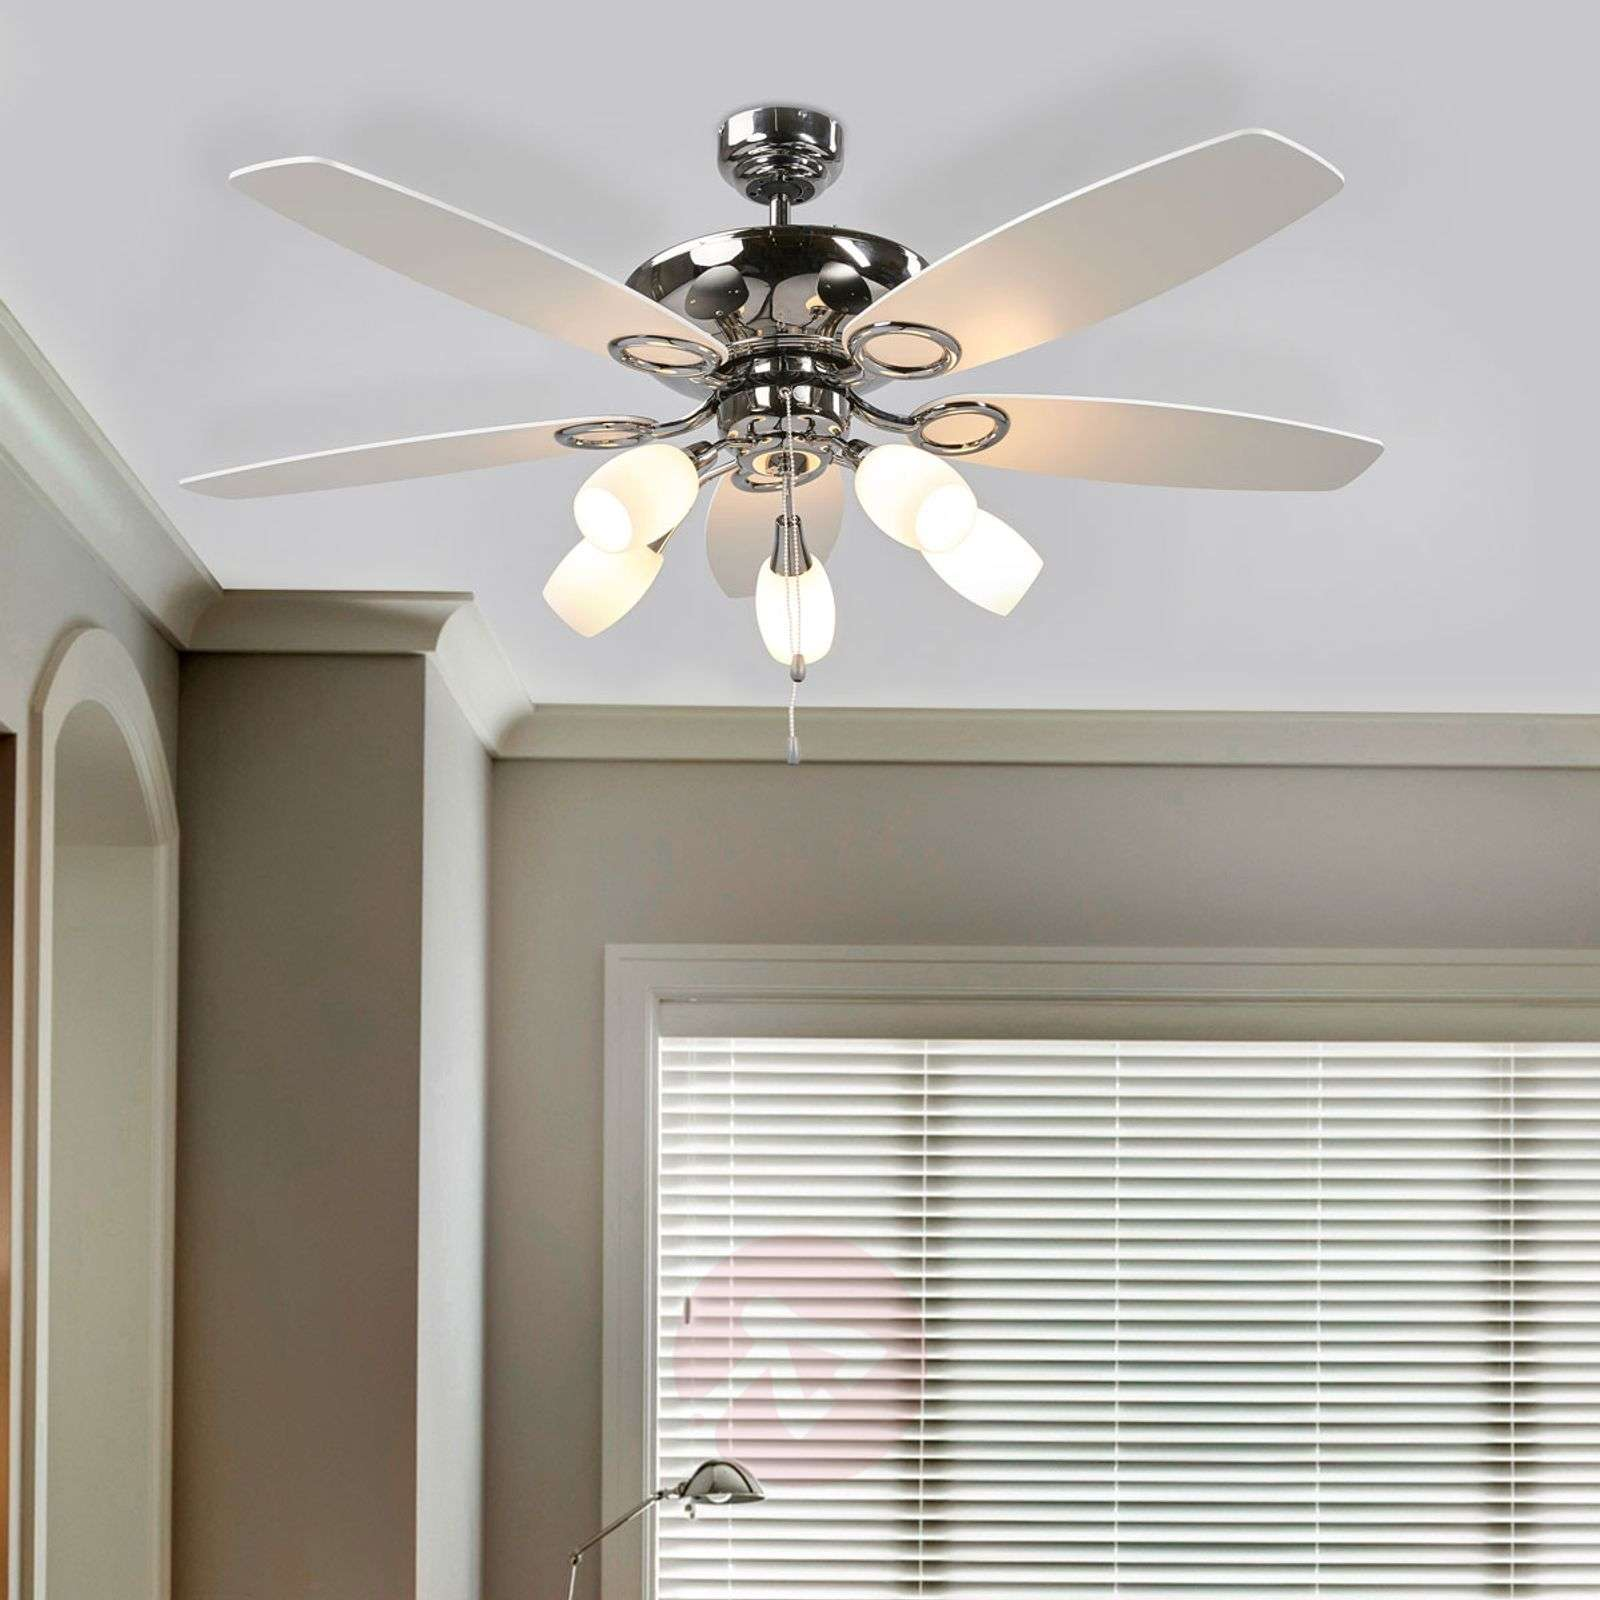 Cedrik five-blade ceiling fan-4018103-07